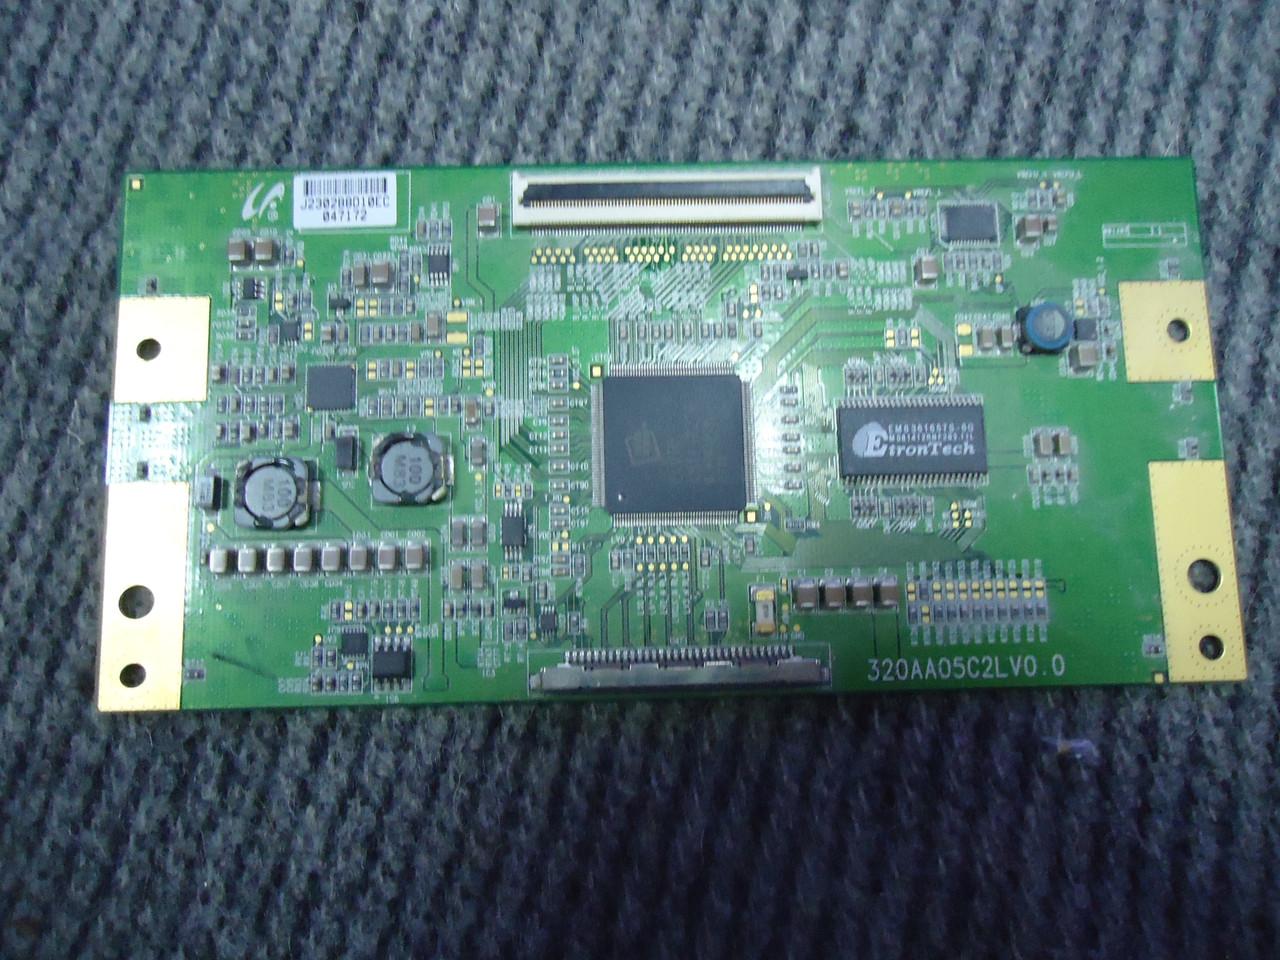 Плата T-con 320AA05C2LV0.0